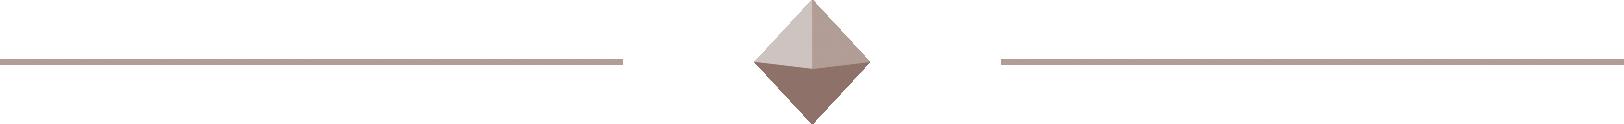 Platten-Seperator-full-mobile